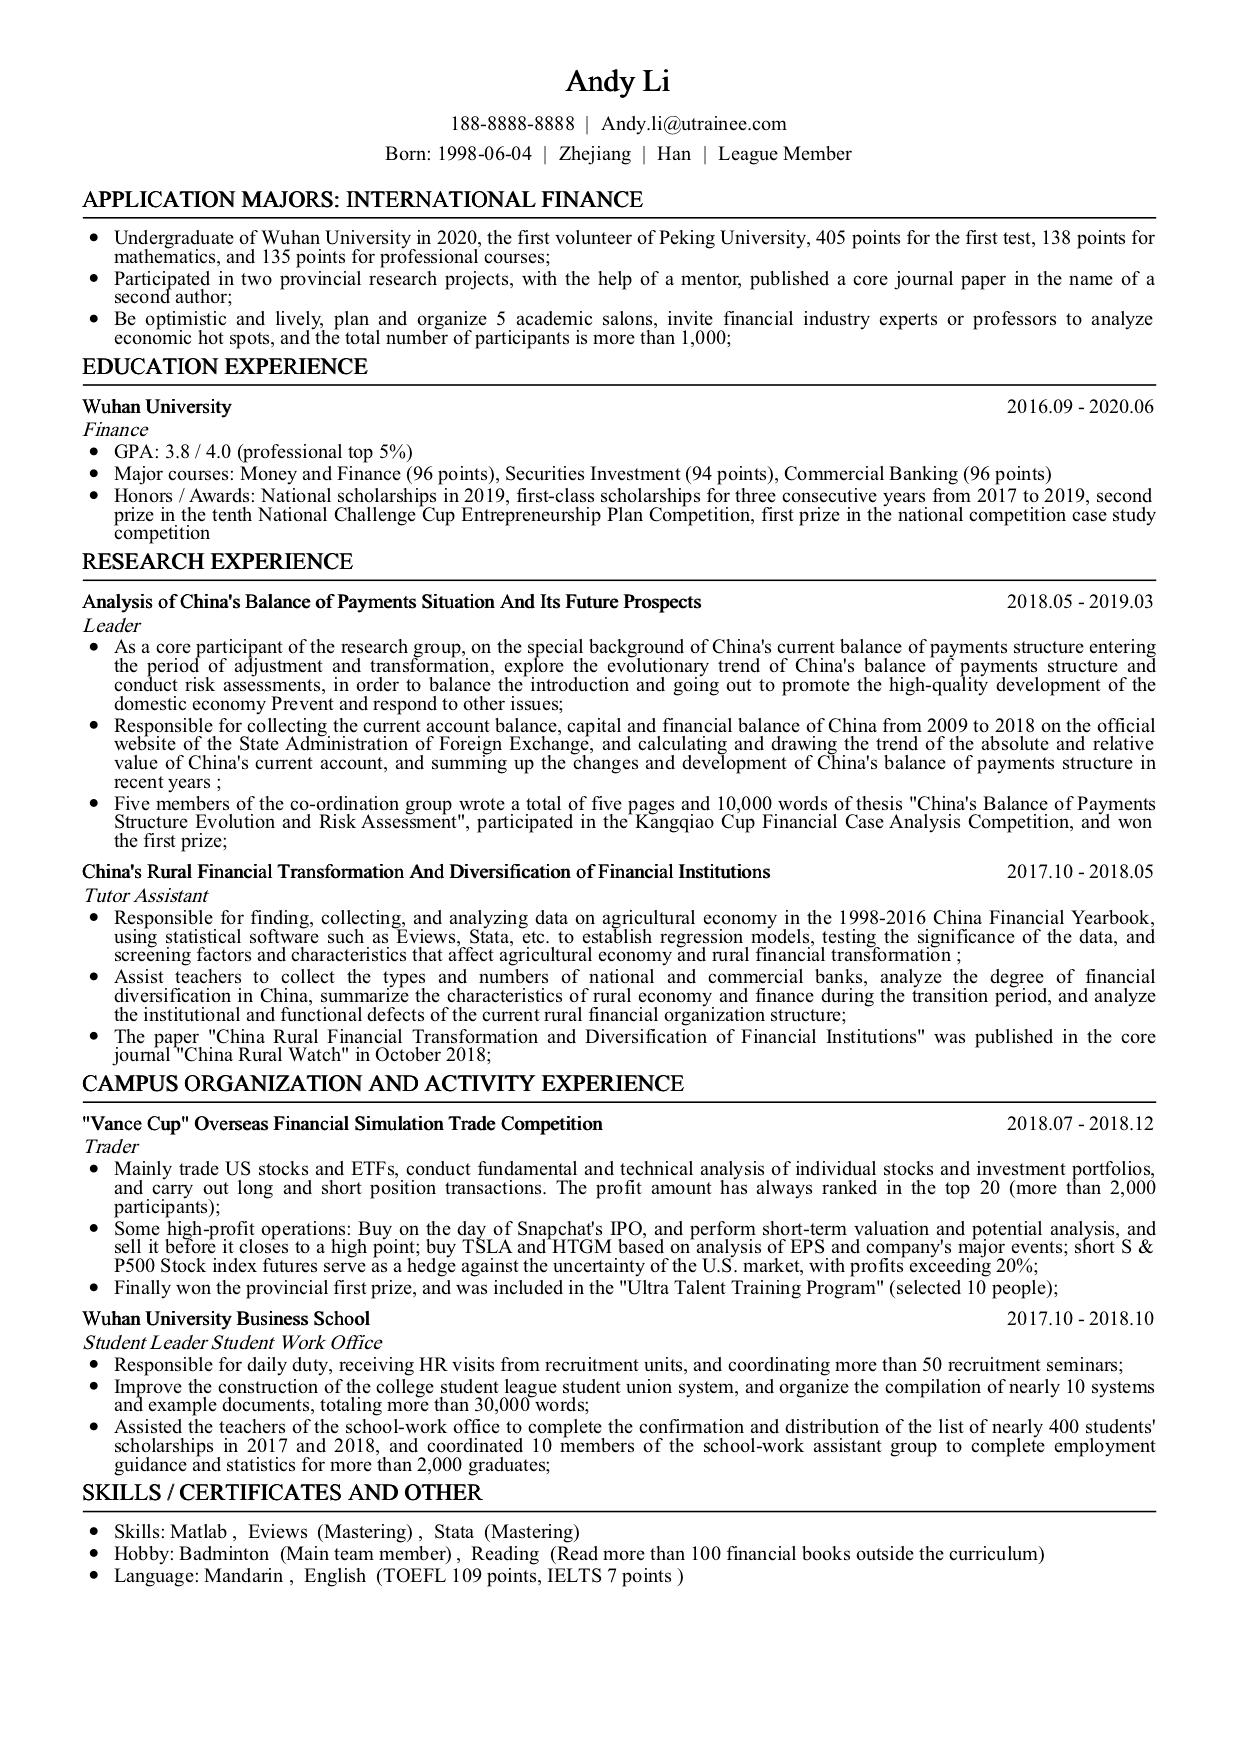 研究生英文简历